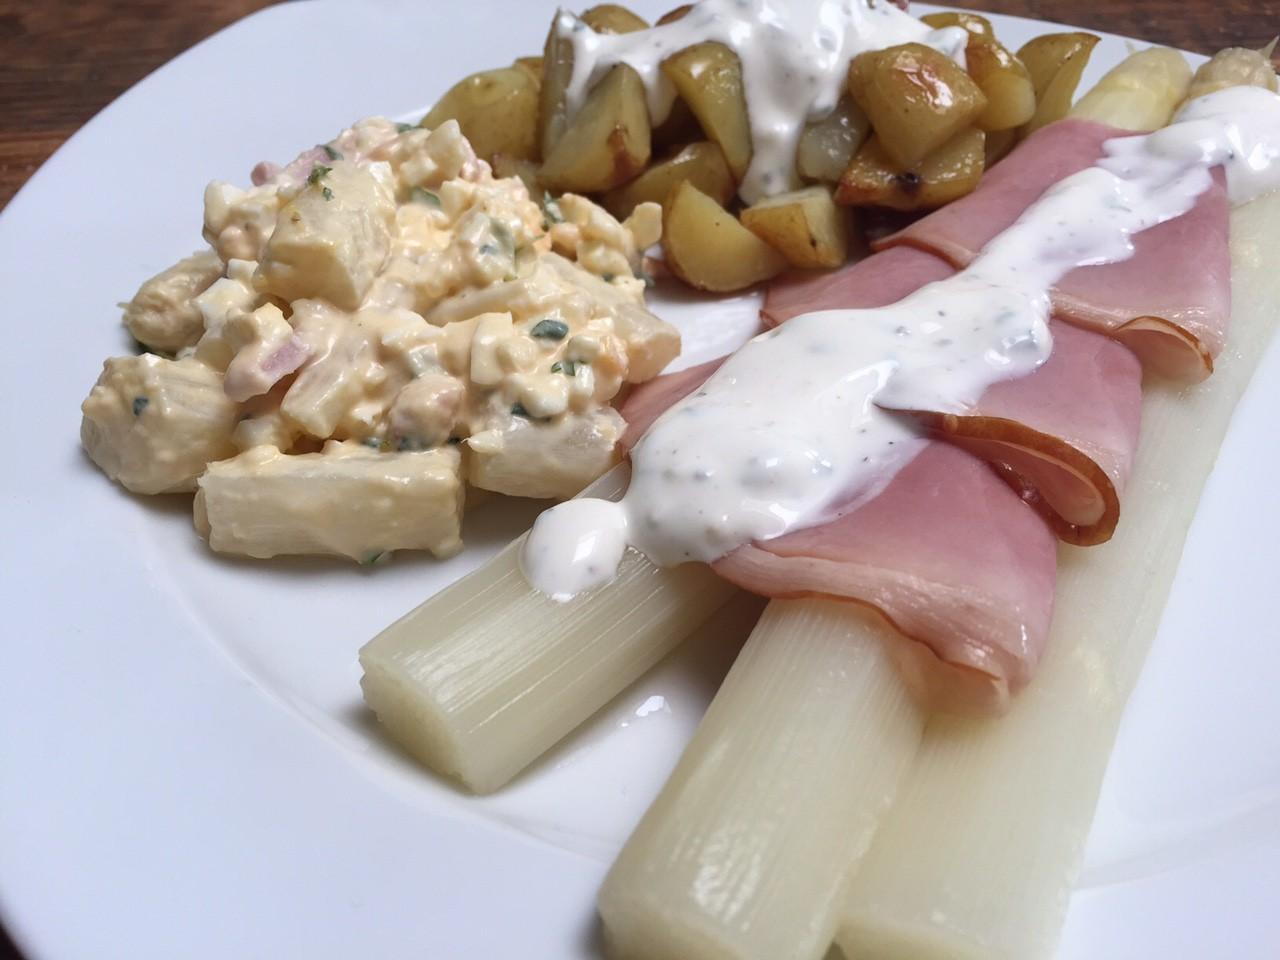 Recept voor Asperges met ham en kruidensaus Foodblog Foodinista